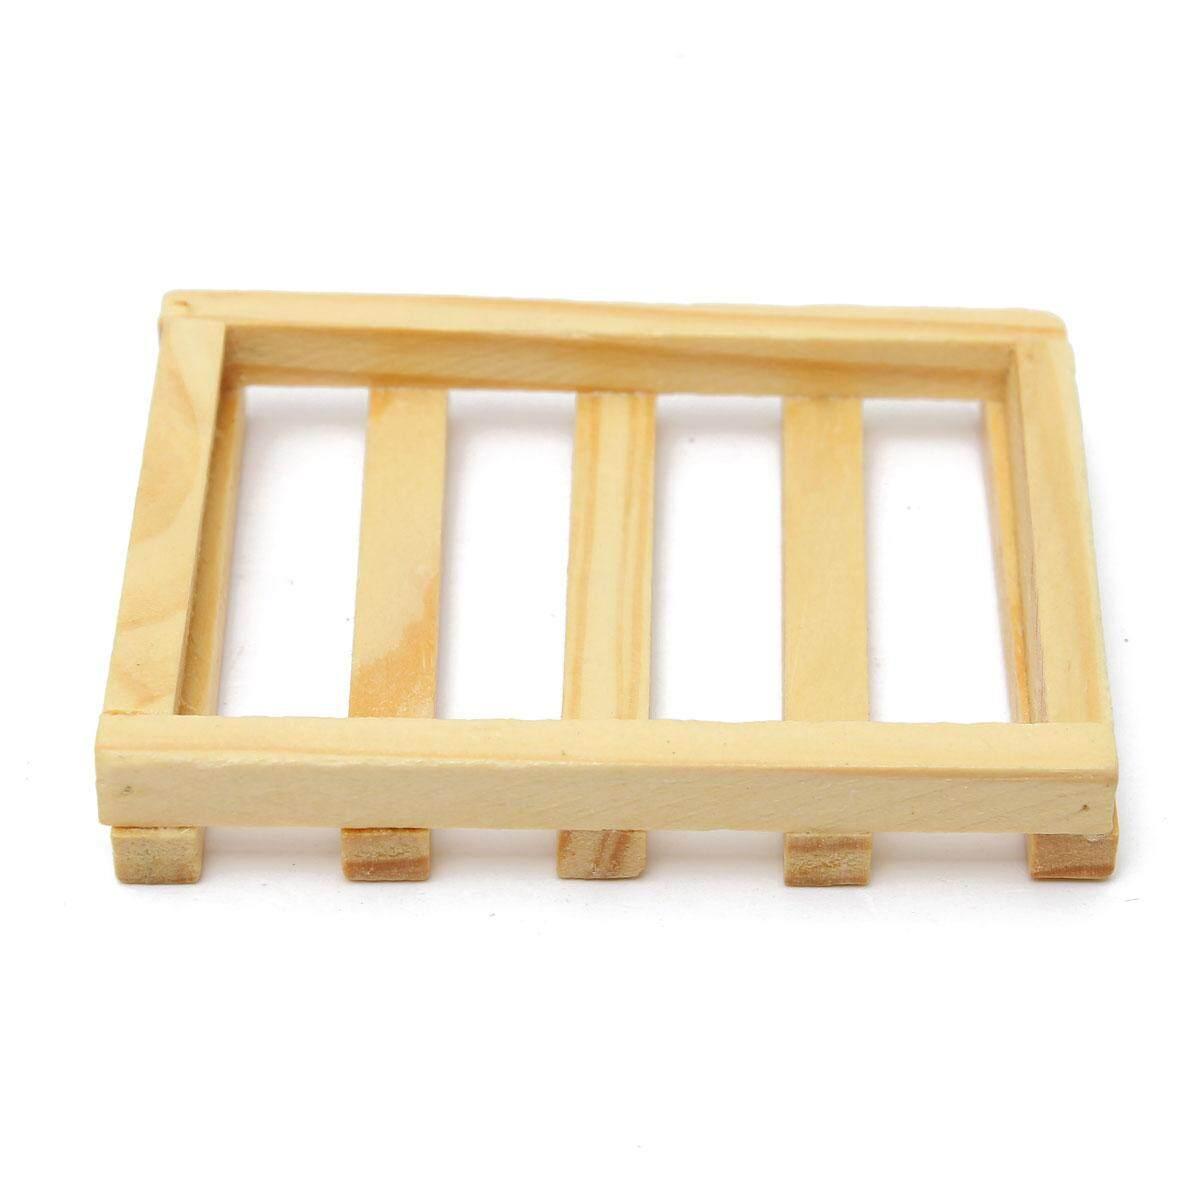 8.5x6 cm Gỗ Nhà Bếp Phòng Tắm Bọt Biển Xà Bông Tấm Hộp Đựng Hộp Đựng Kệ